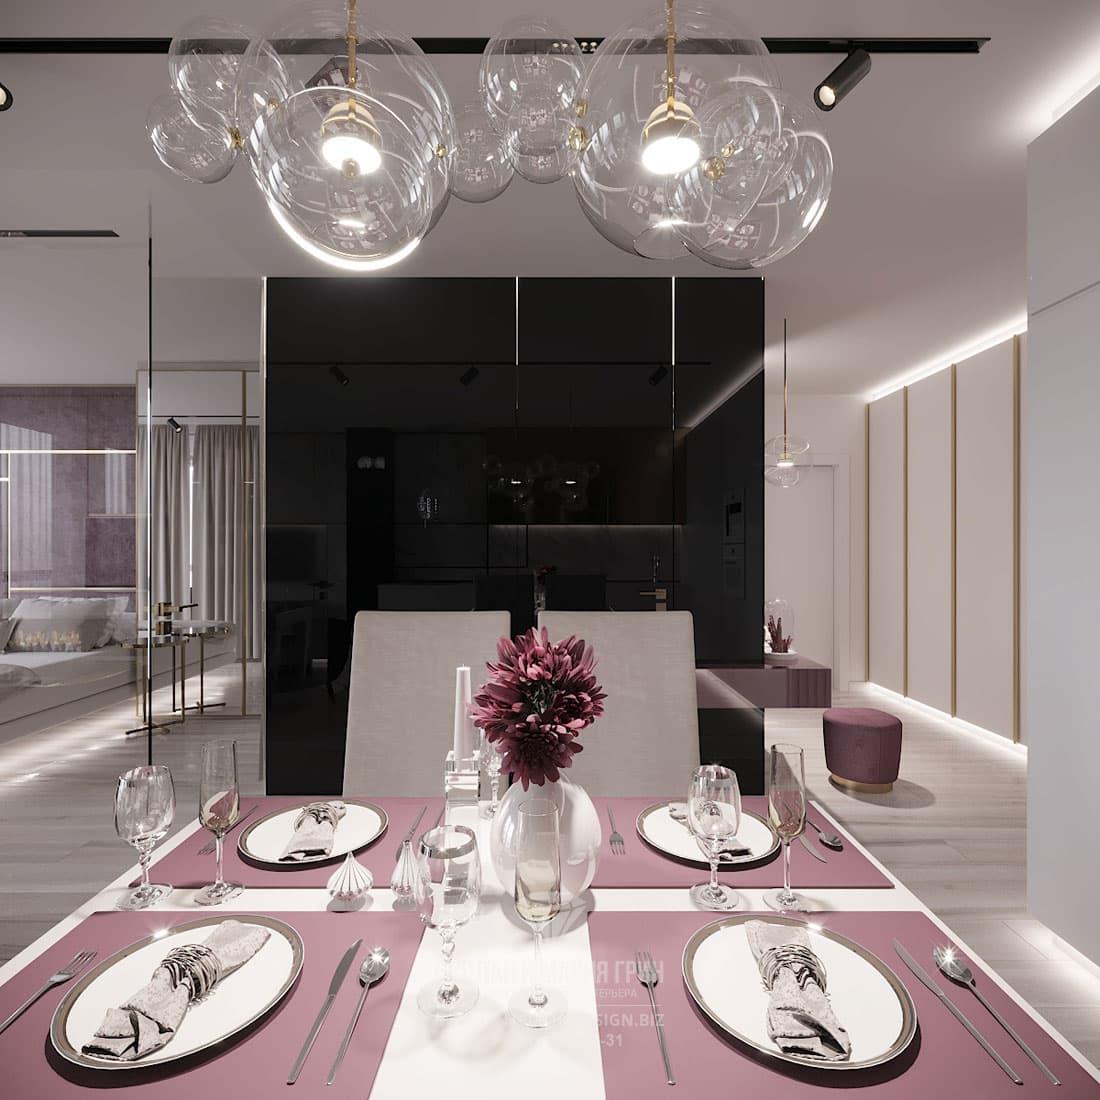 Дизайн интерьера столовой с марсаловыми акцентами